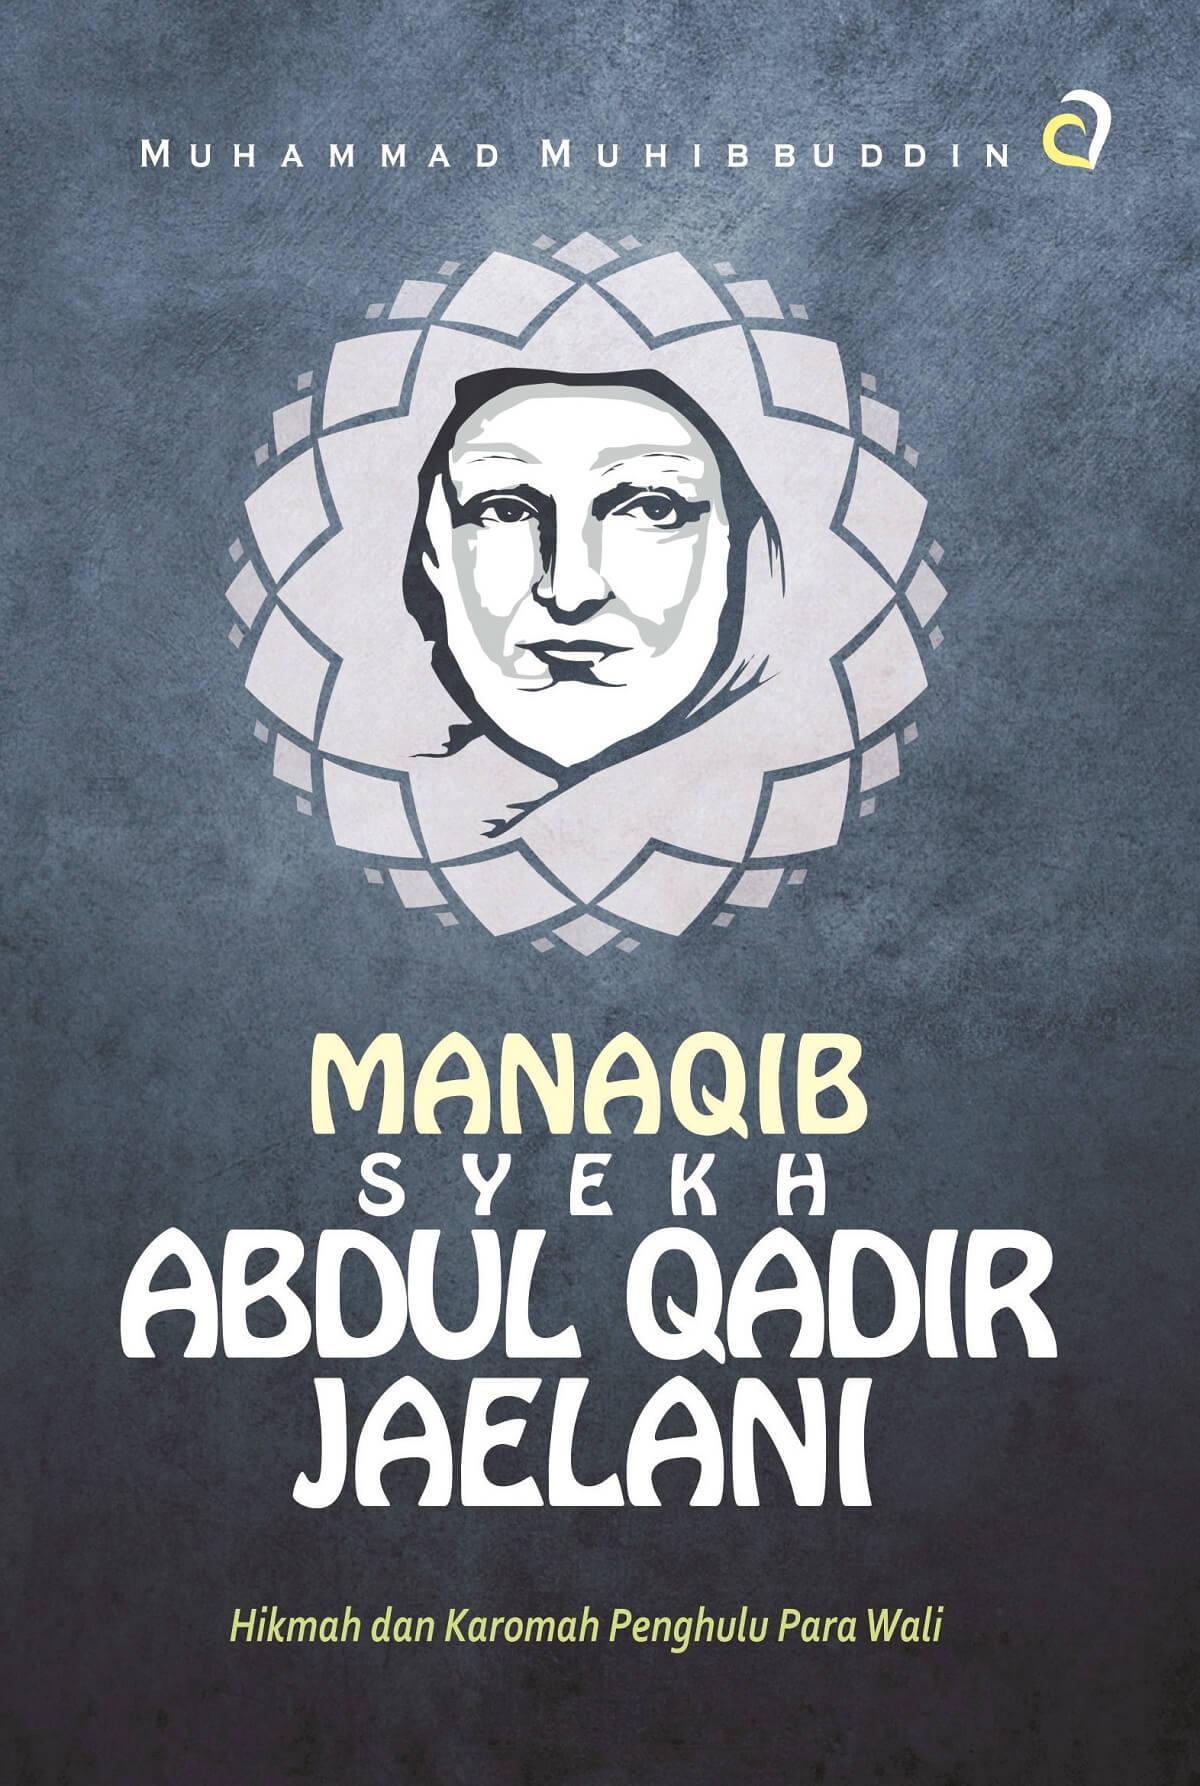 MANAQIB SYEKH ABDUL QADIR JAELANIen